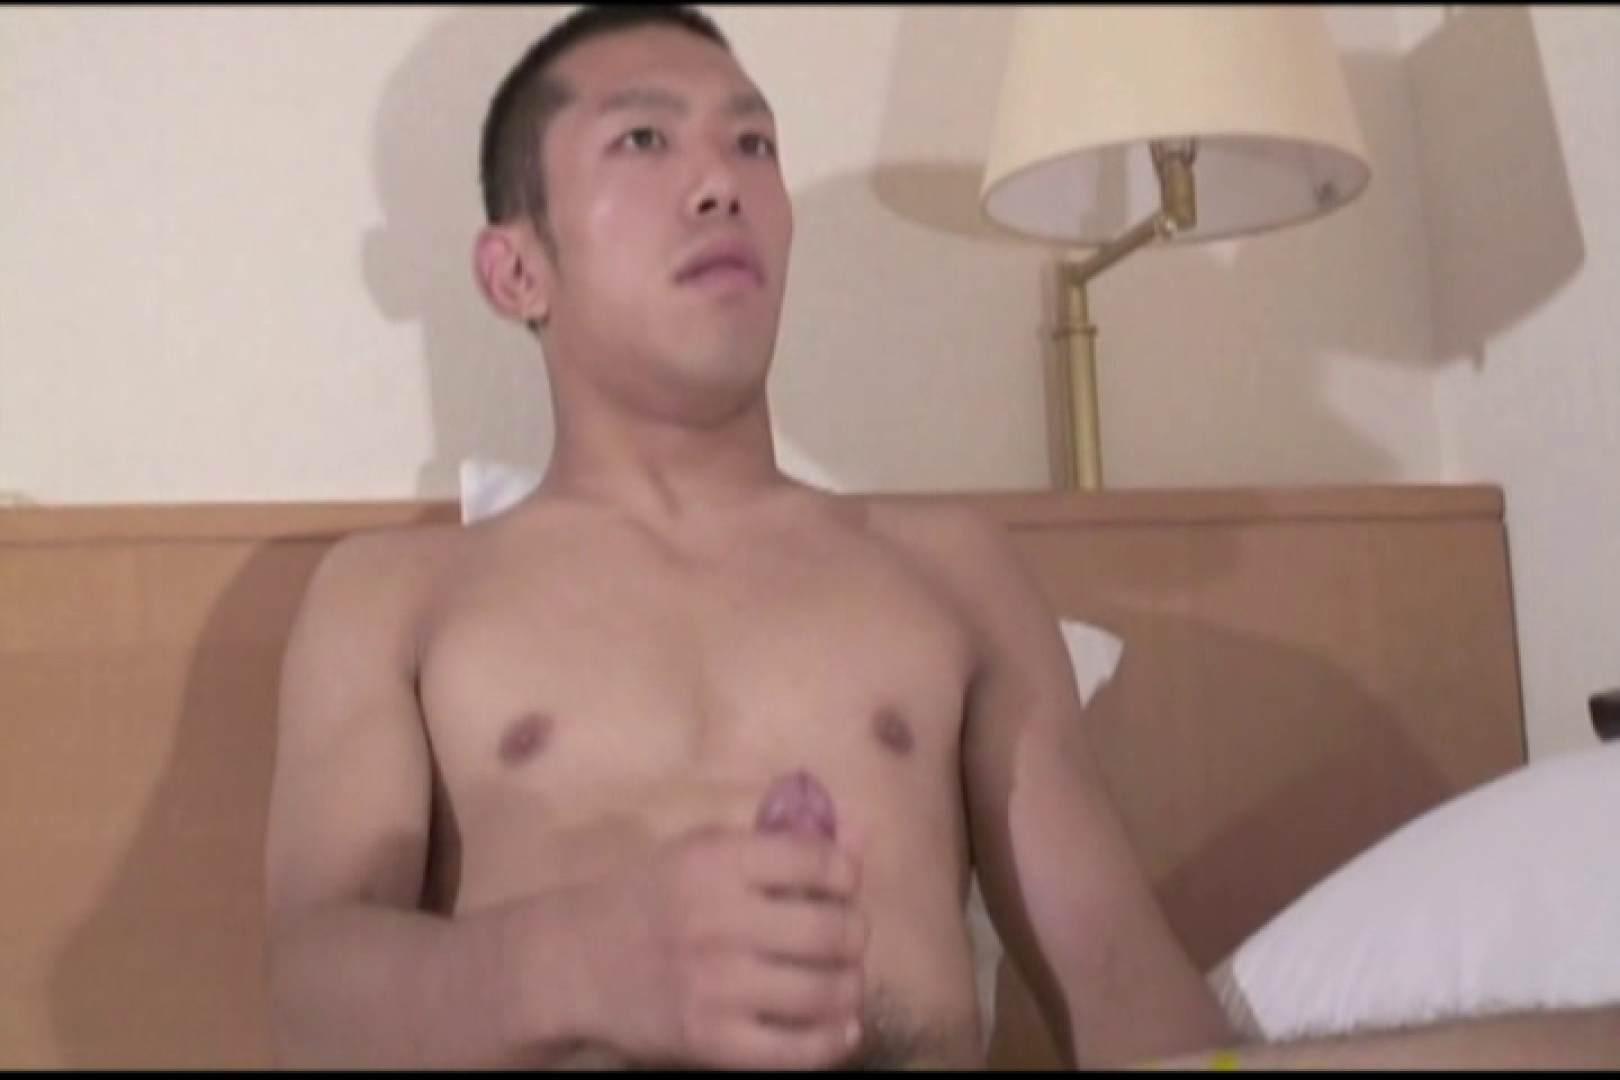 アナPさん投稿!目がパッチリなイケメンサル系男子の昇天劇。 完全無修正でお届け | イケメンのsex  107pic 59